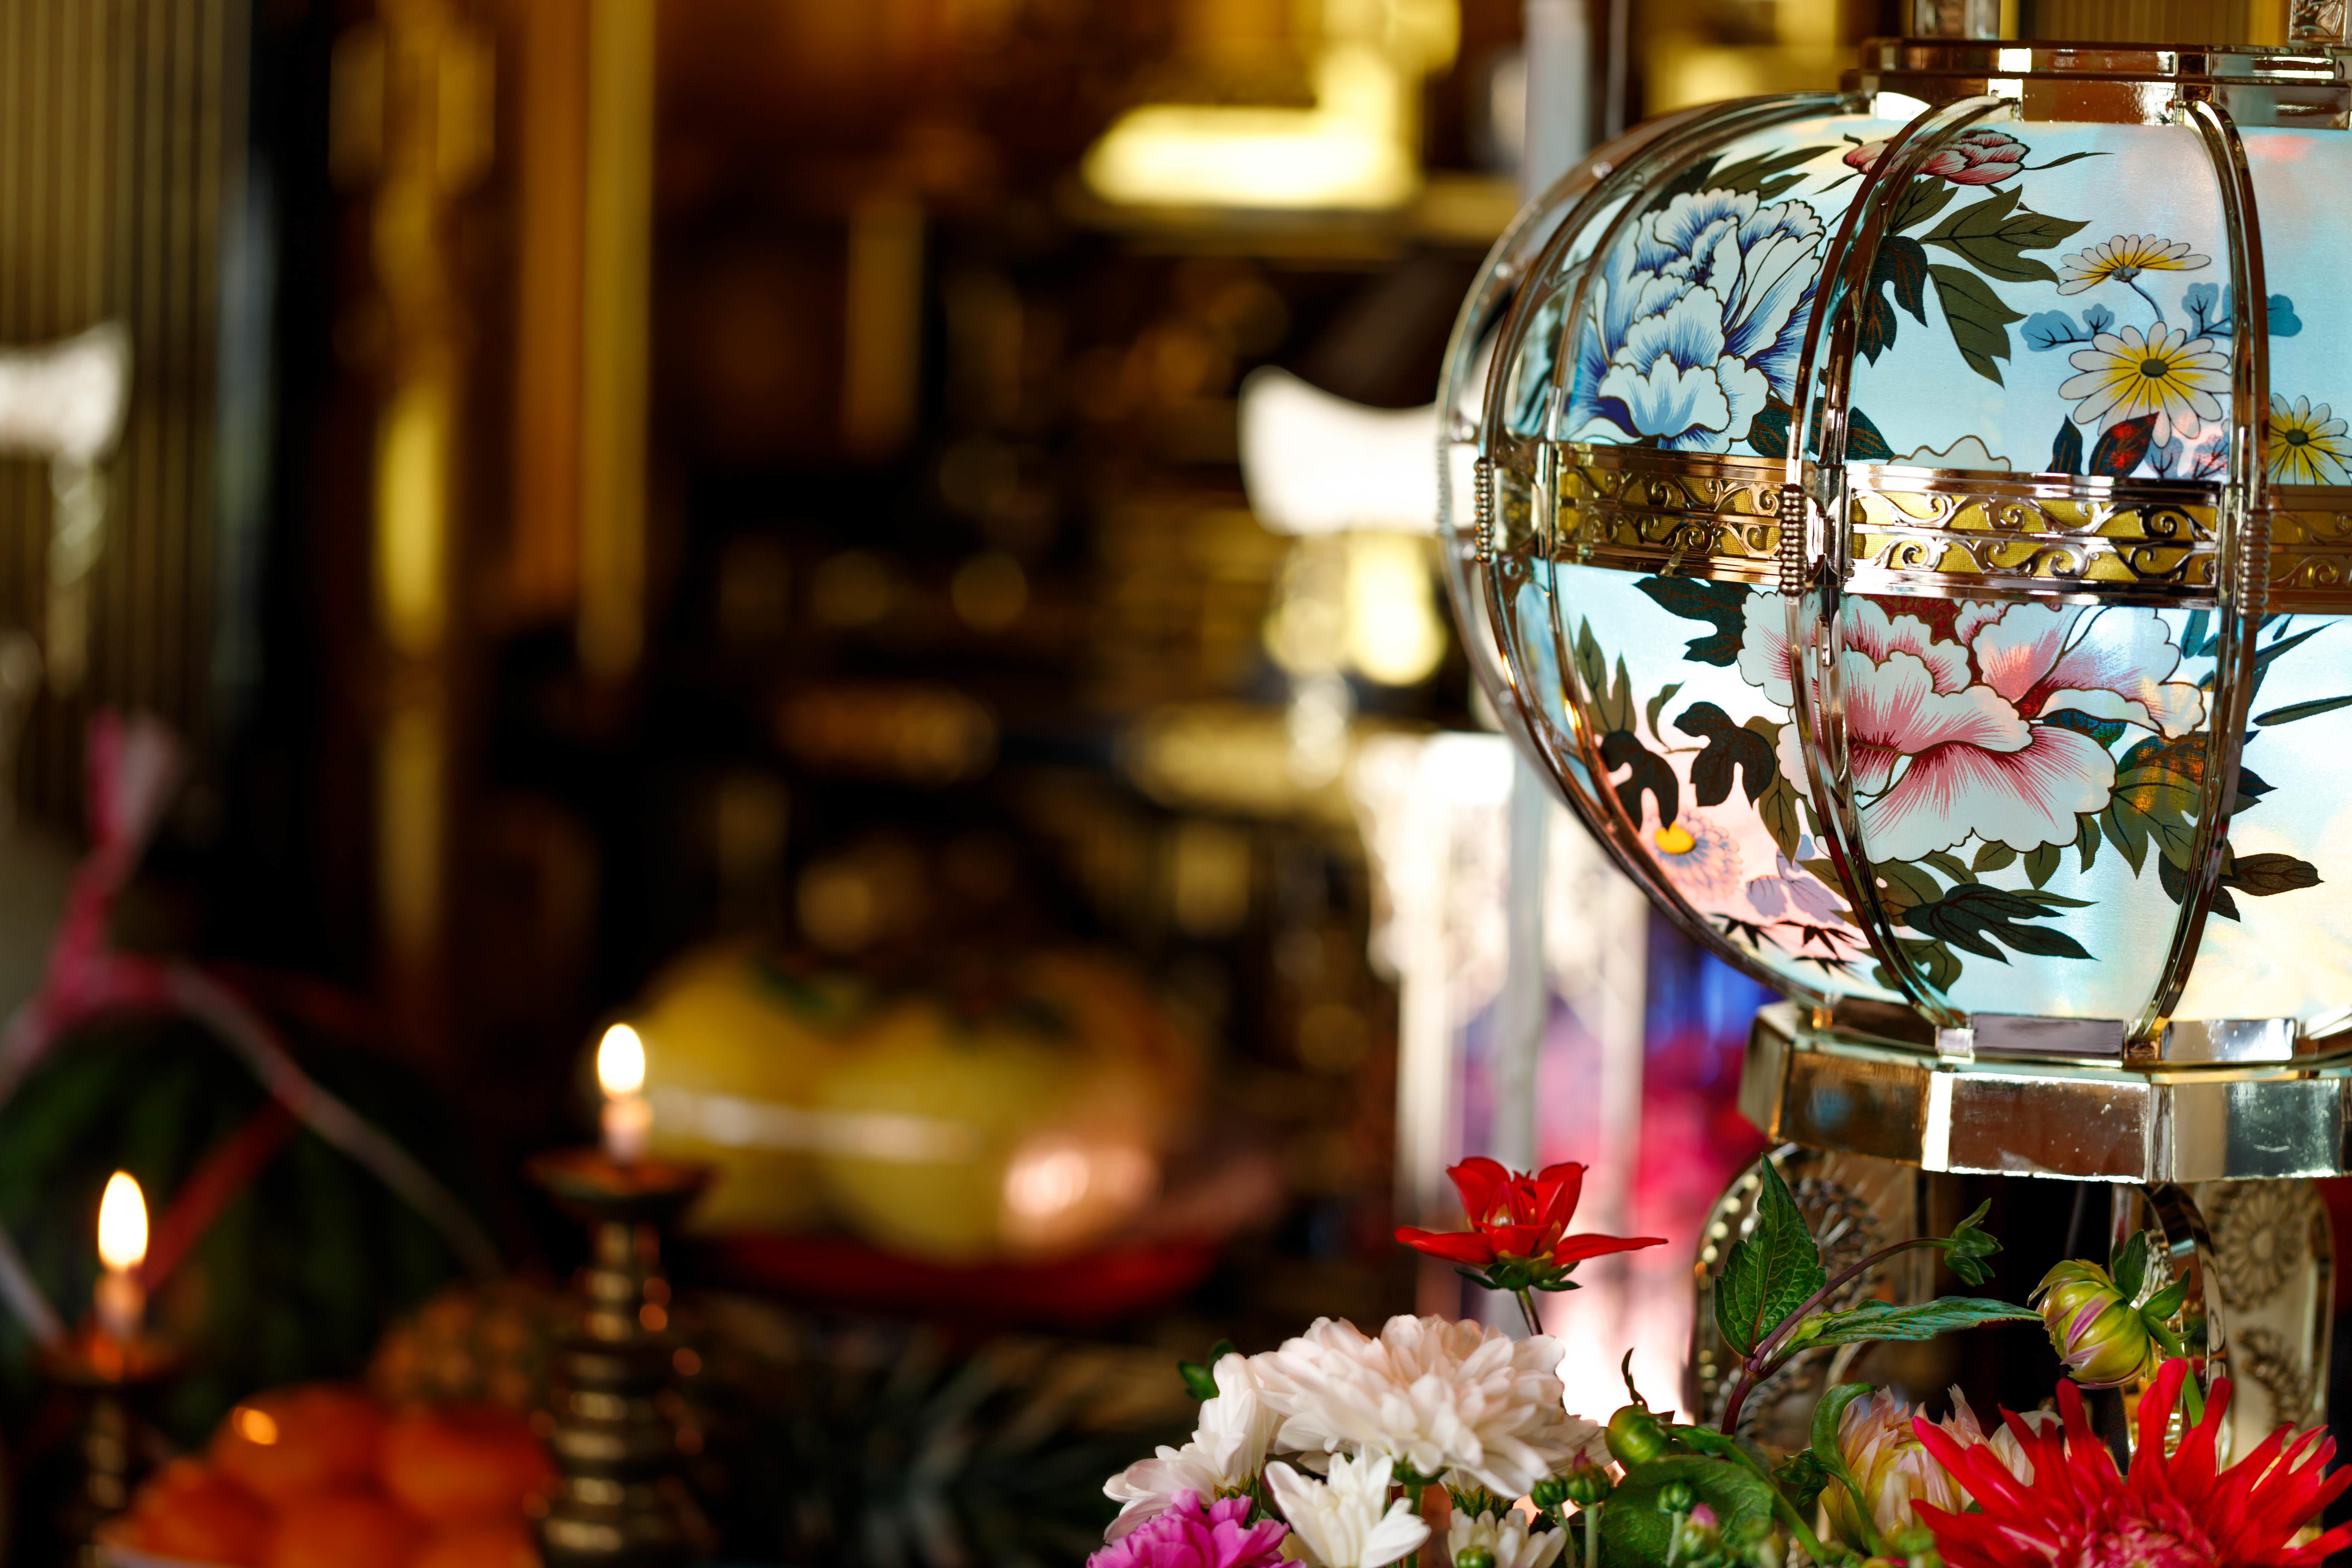 曹洞宗のお盆の仏壇・お供え・お膳の飾り方はどうすればいいの?のサムネイル画像